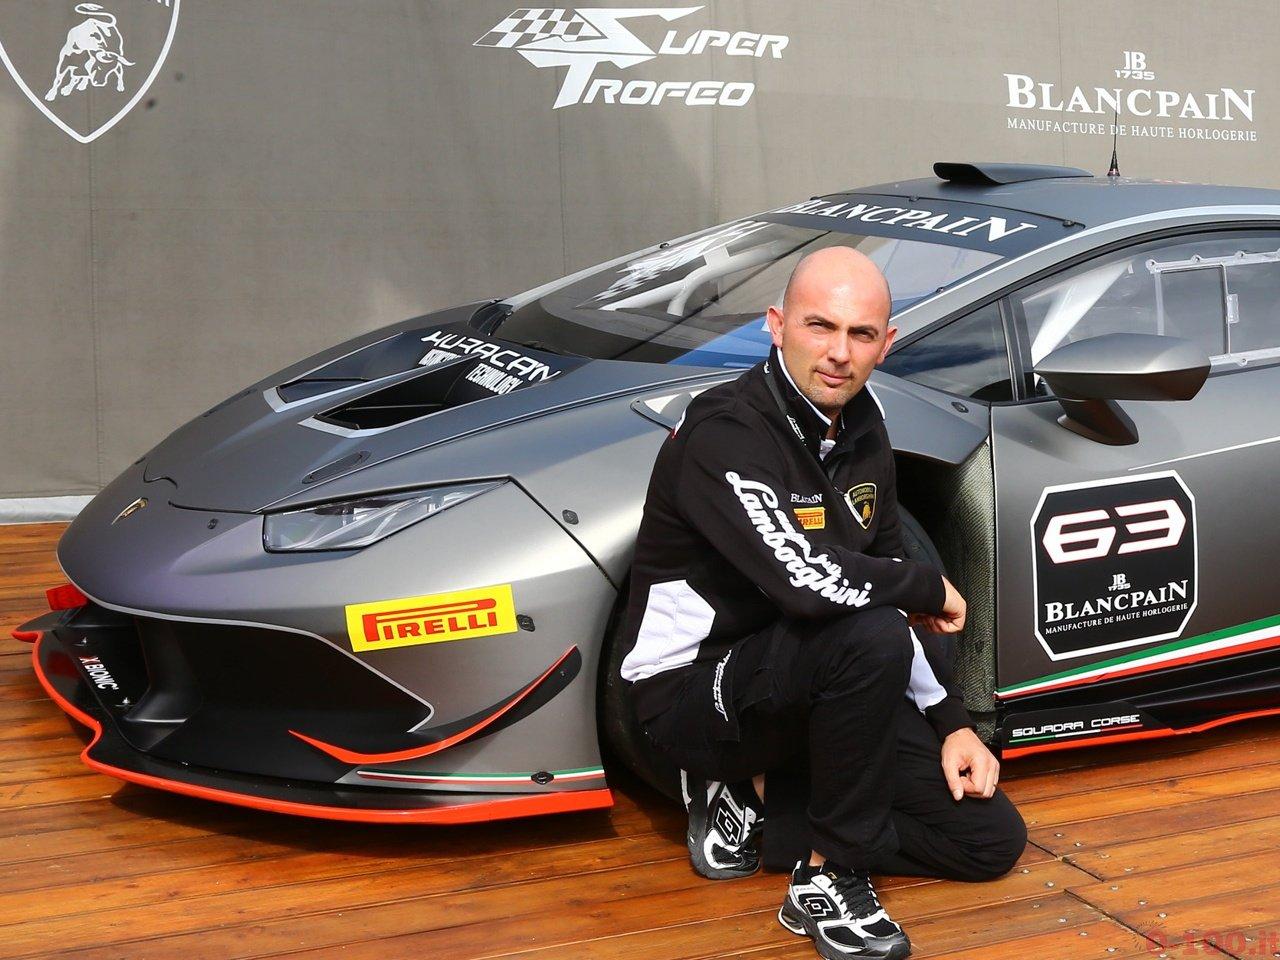 Giorgio-Sanna-Head-of-Lamborghini-Motorsport